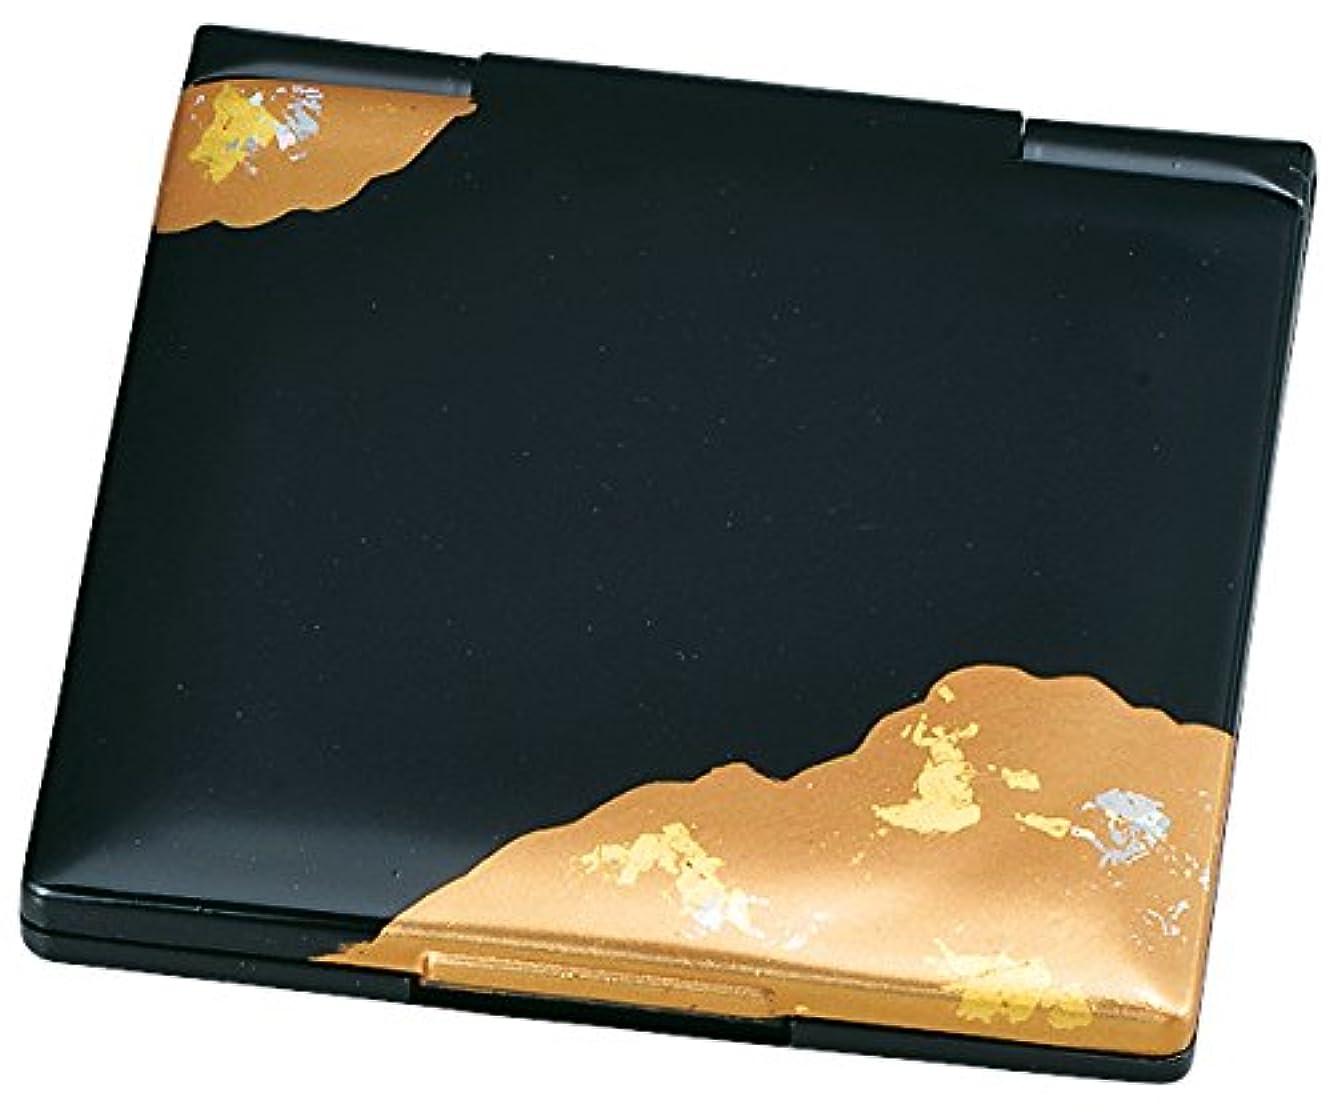 テント有名素晴らしい良い多くの中谷兄弟商会 山中漆器 コンパクトミラー 純金箔工芸 黒 金雲33-0401